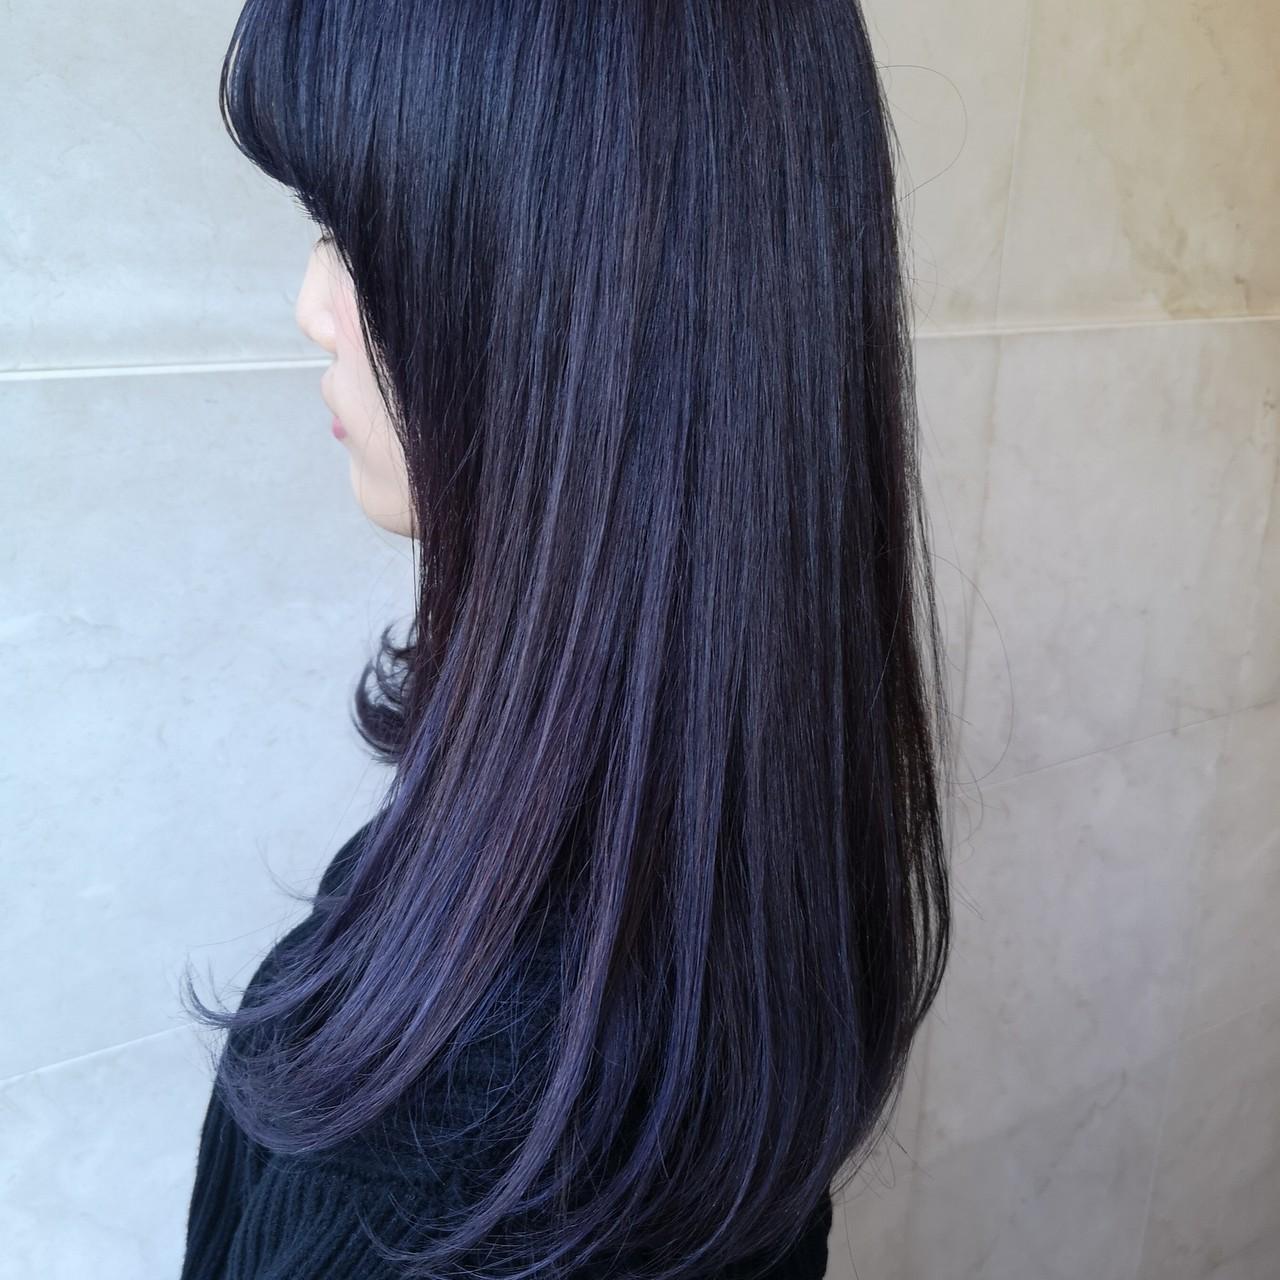 グレー パープル ストリート ミディアム ヘアスタイルや髪型の写真・画像